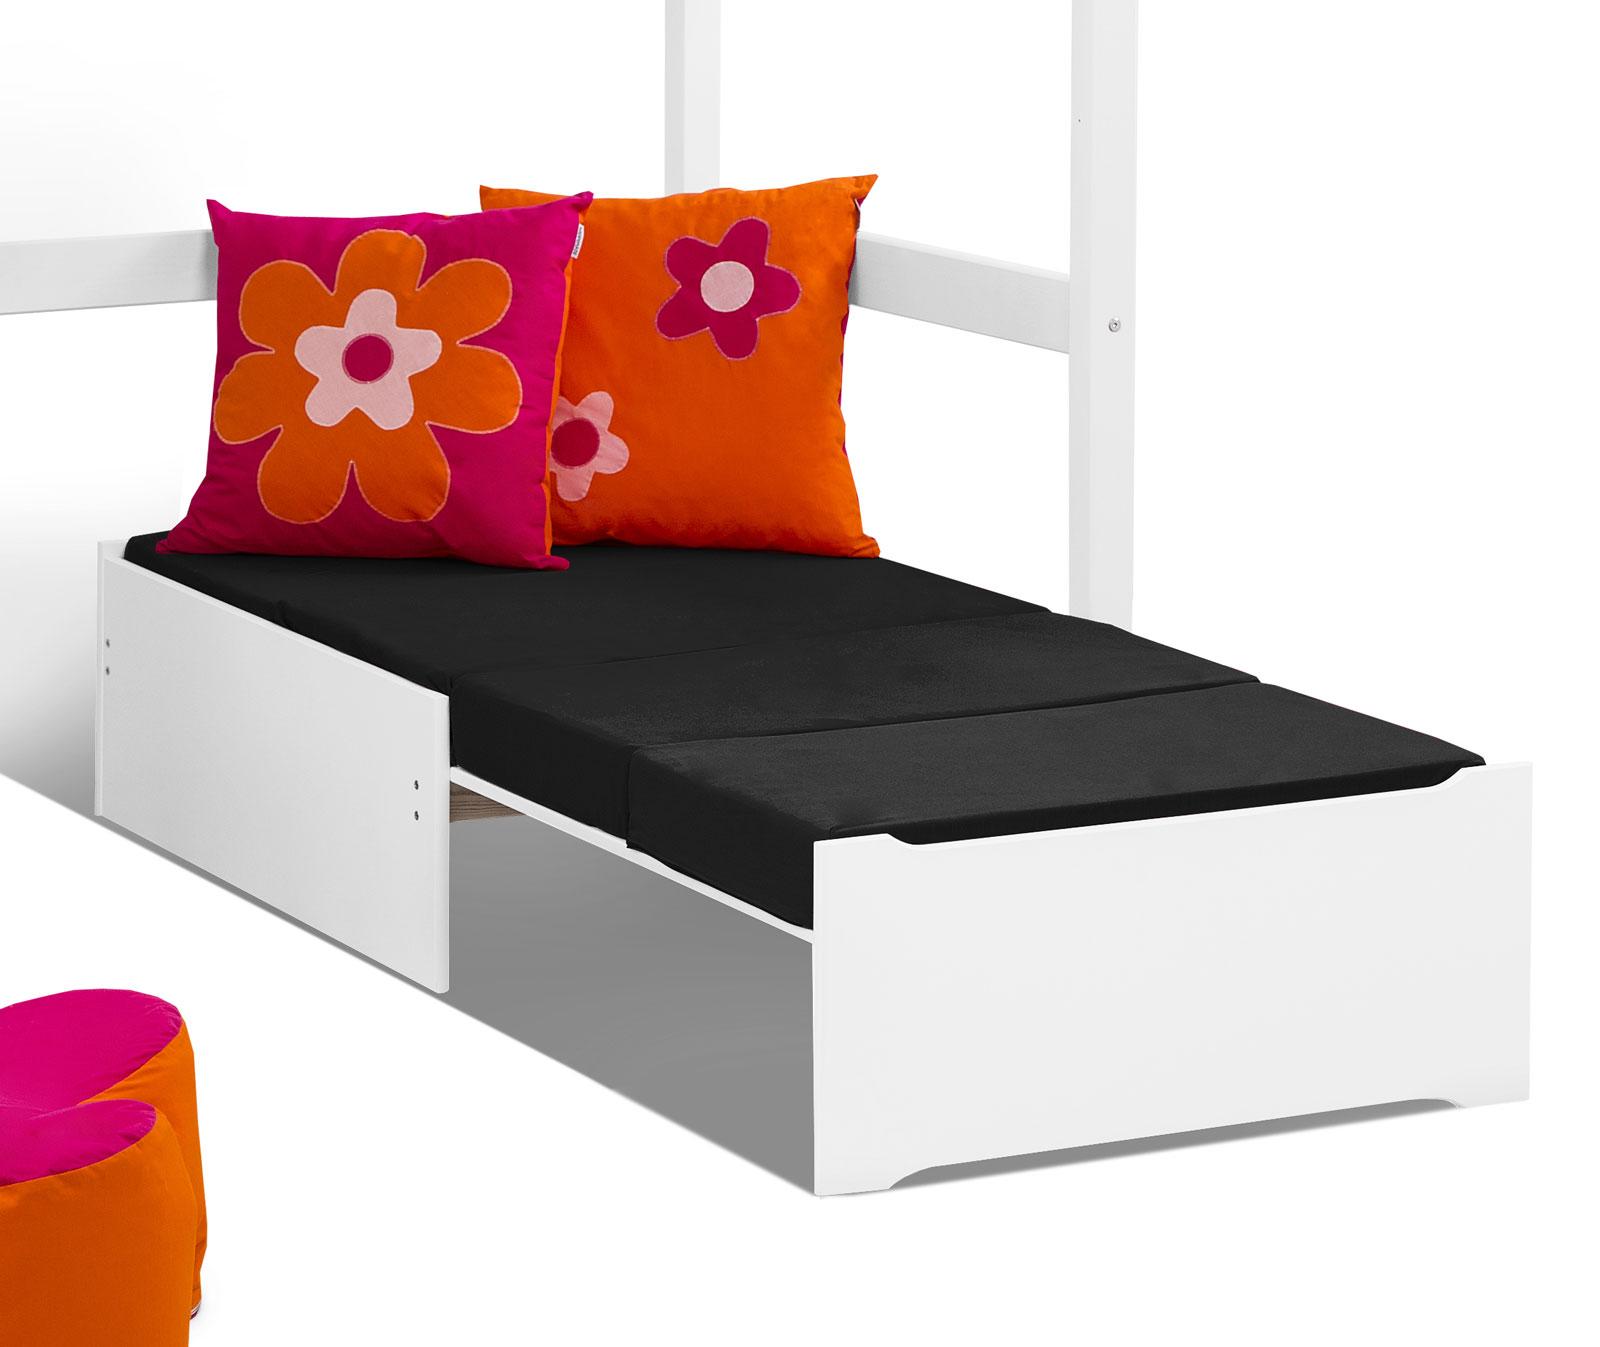 Die Couch Lässt Sich Ausziehen Und Bietet So Eine Vollwertige Zweite  Liegefläche.